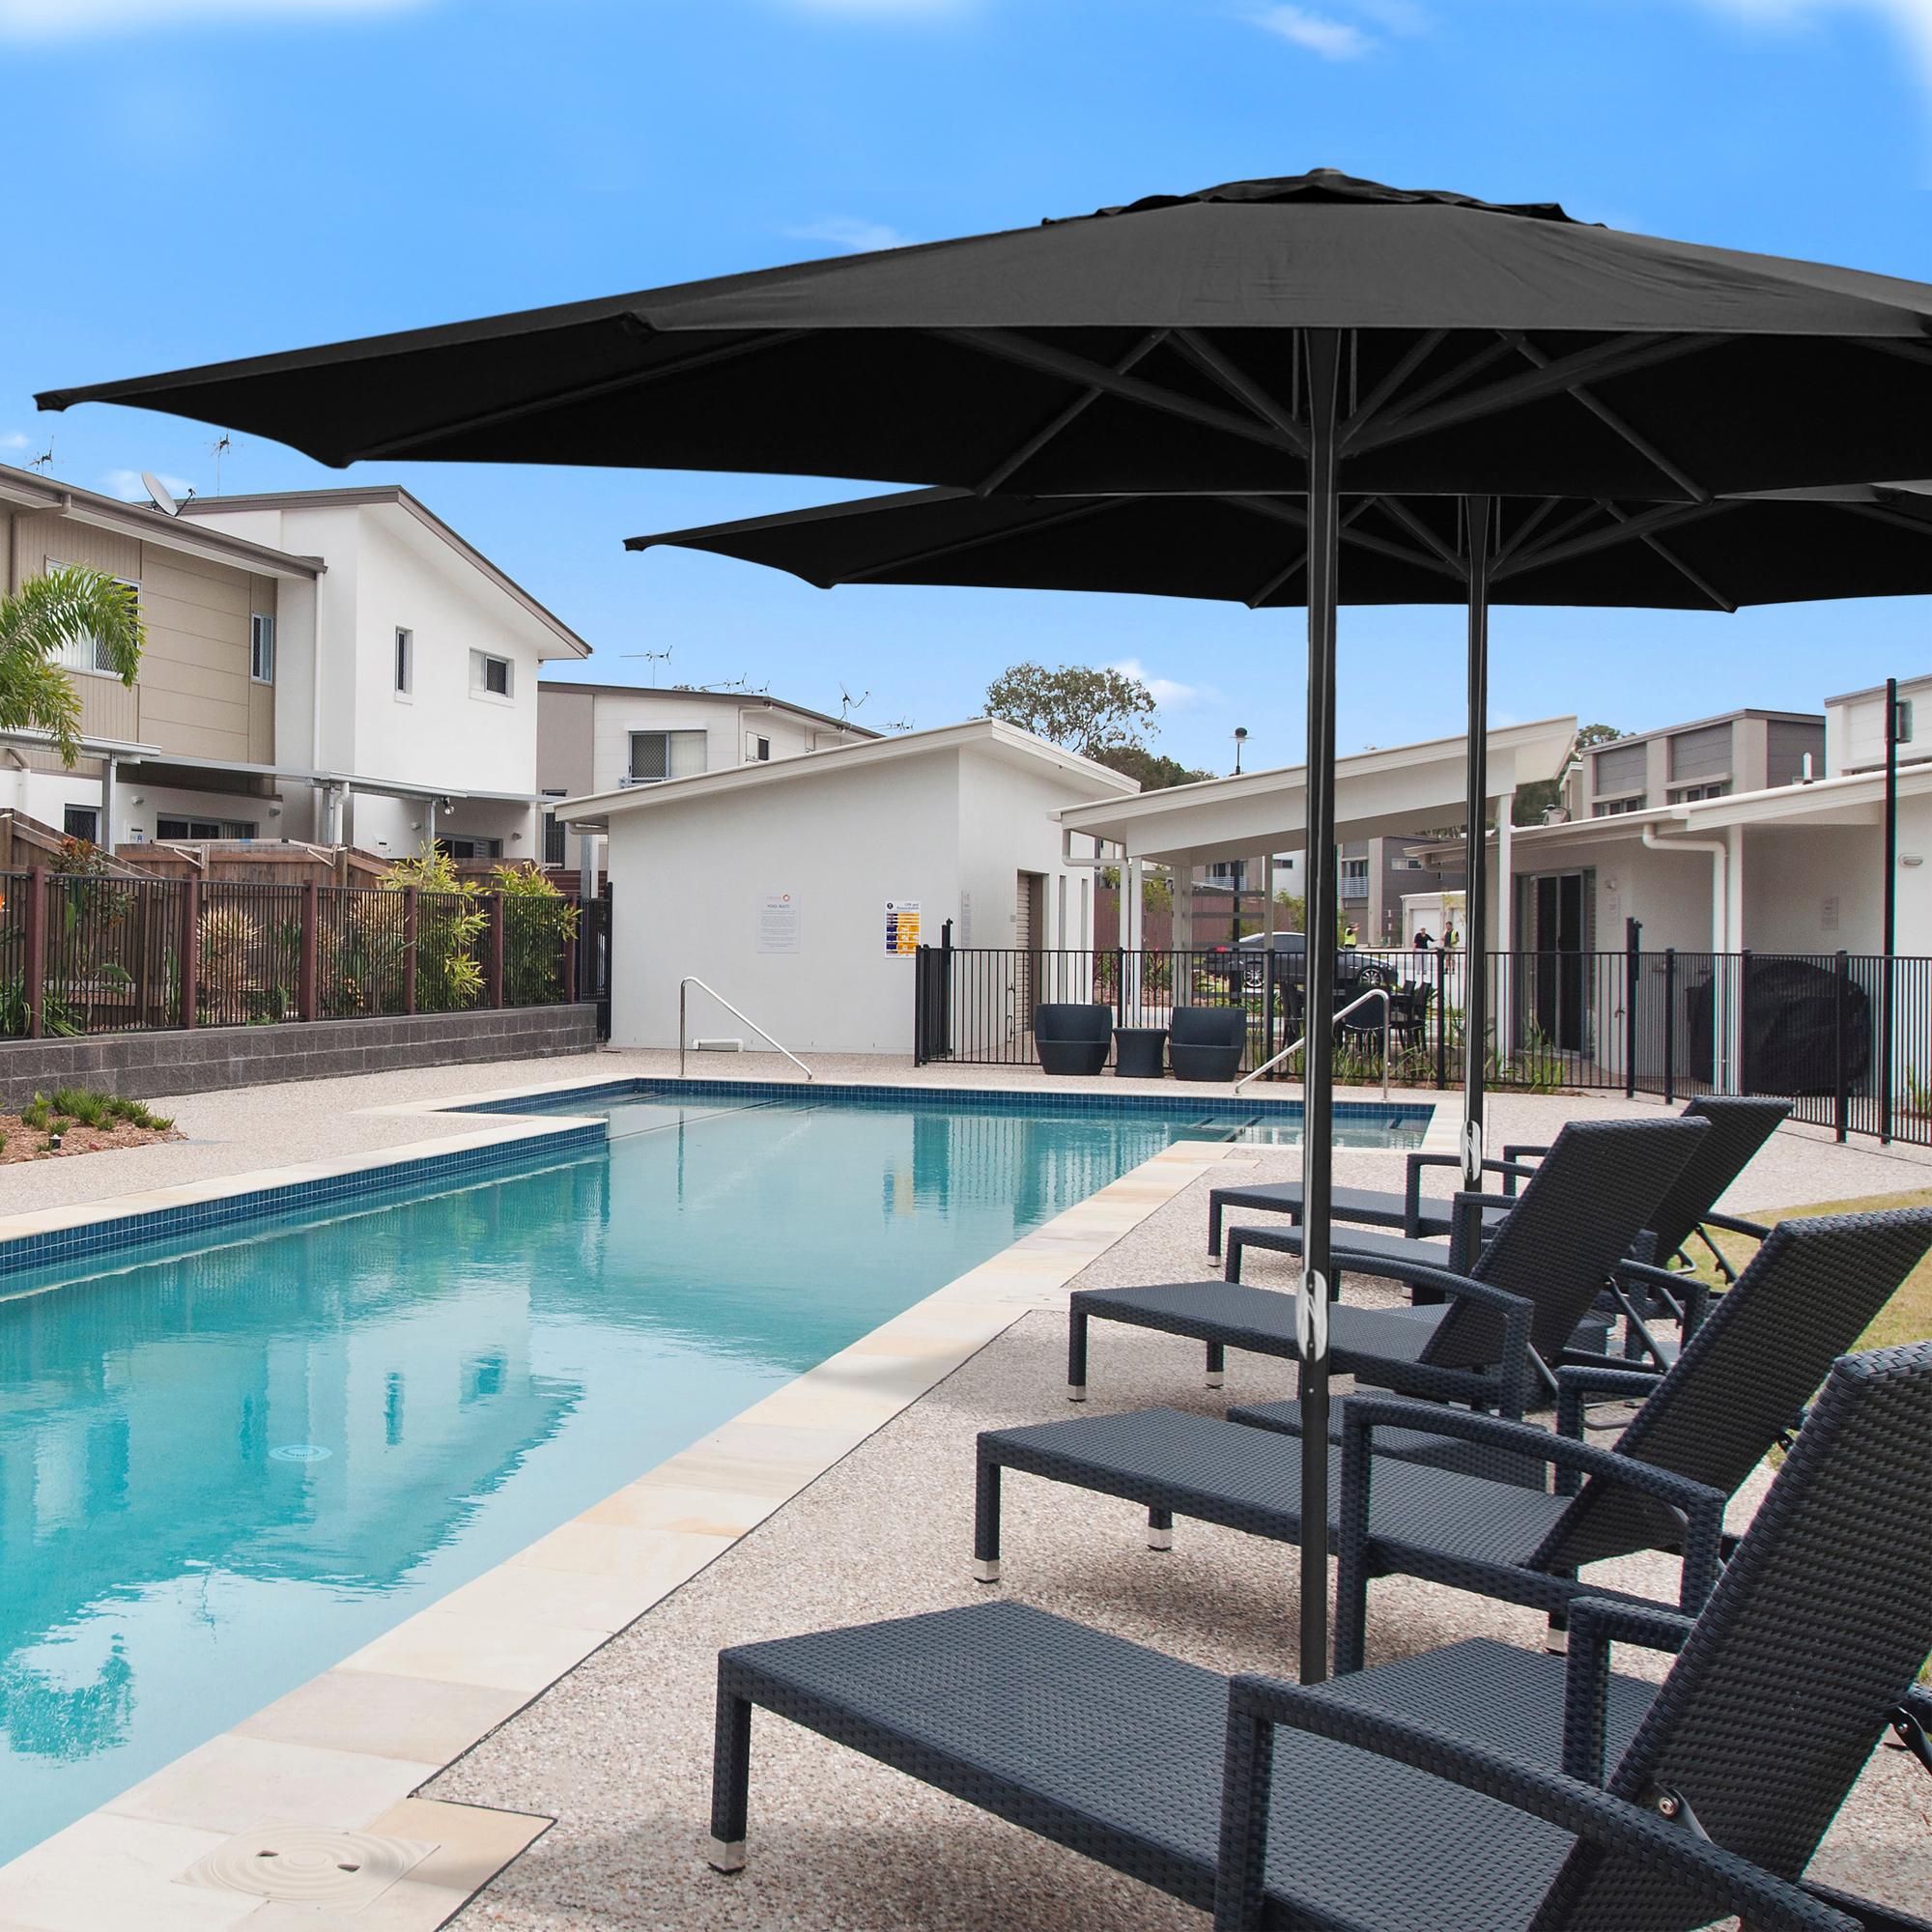 thumbnail 38 - 13' FT Sun Shade Patio Aluminum Umbrella UV30+ Outdoor Market Garden Beach Deck